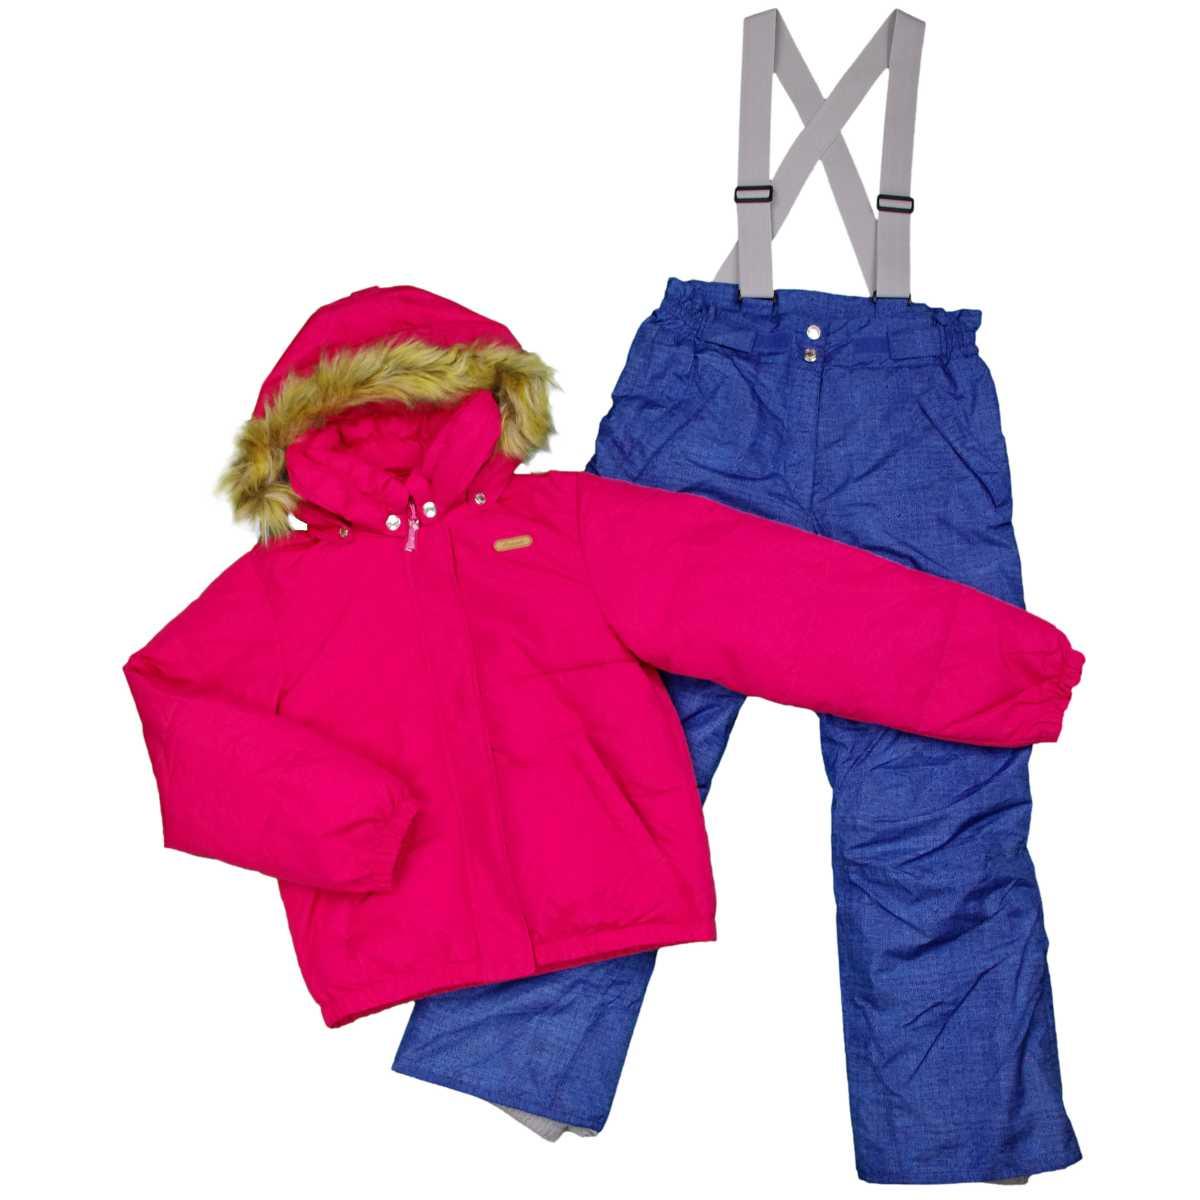 女の子オンヨネスキーウェア上下セット パンツサイズ調整機能付スキーウェア サンプル品 (ベリー/デニム 130cm 140cm 150cm 160cm) ガールズ ジュニア スキーウェア 全4色